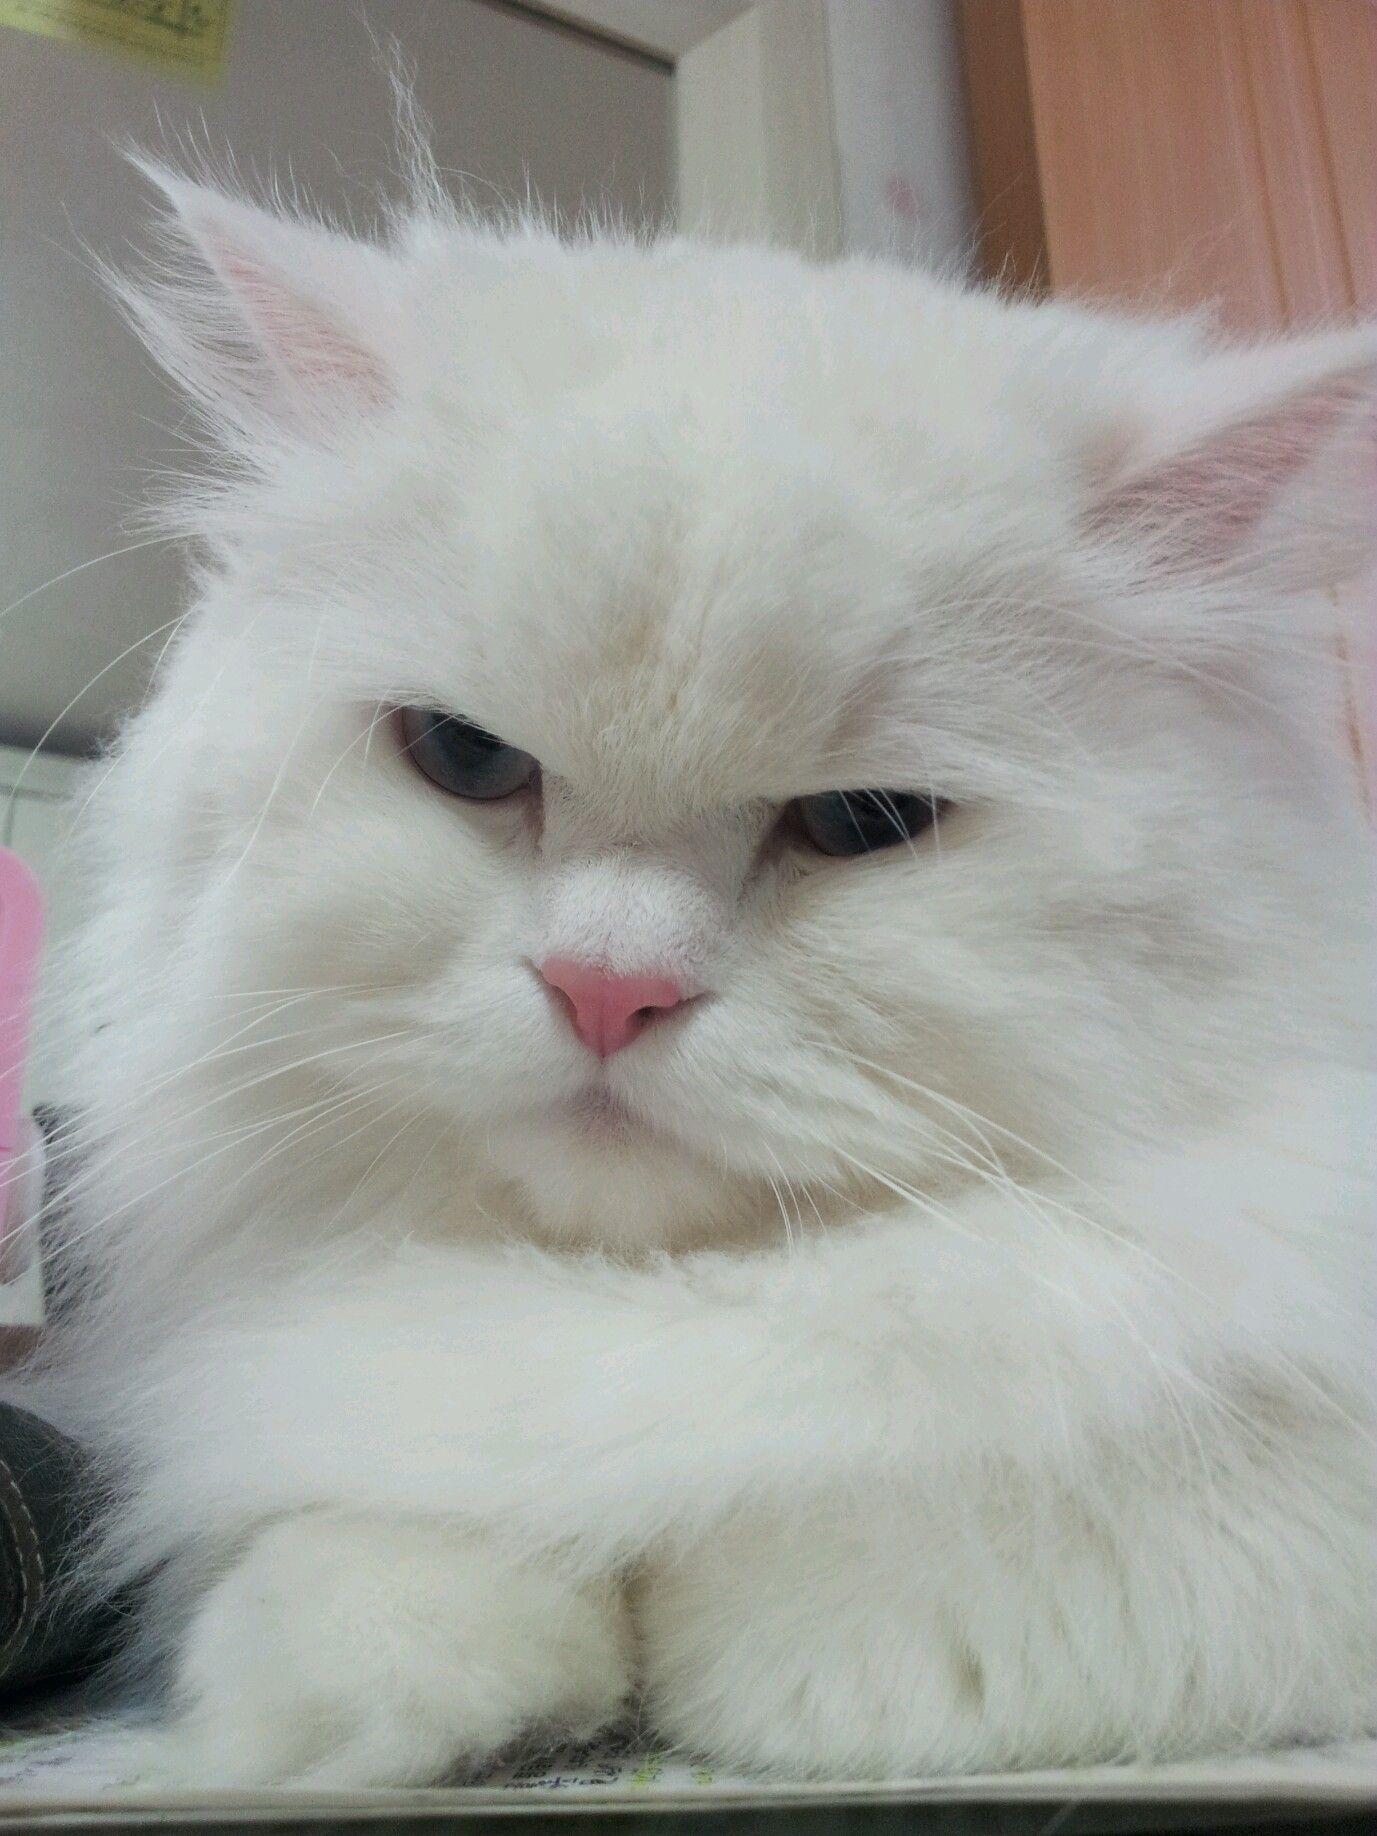 my persian cat. cat name is 'YAONG'. it's korean name